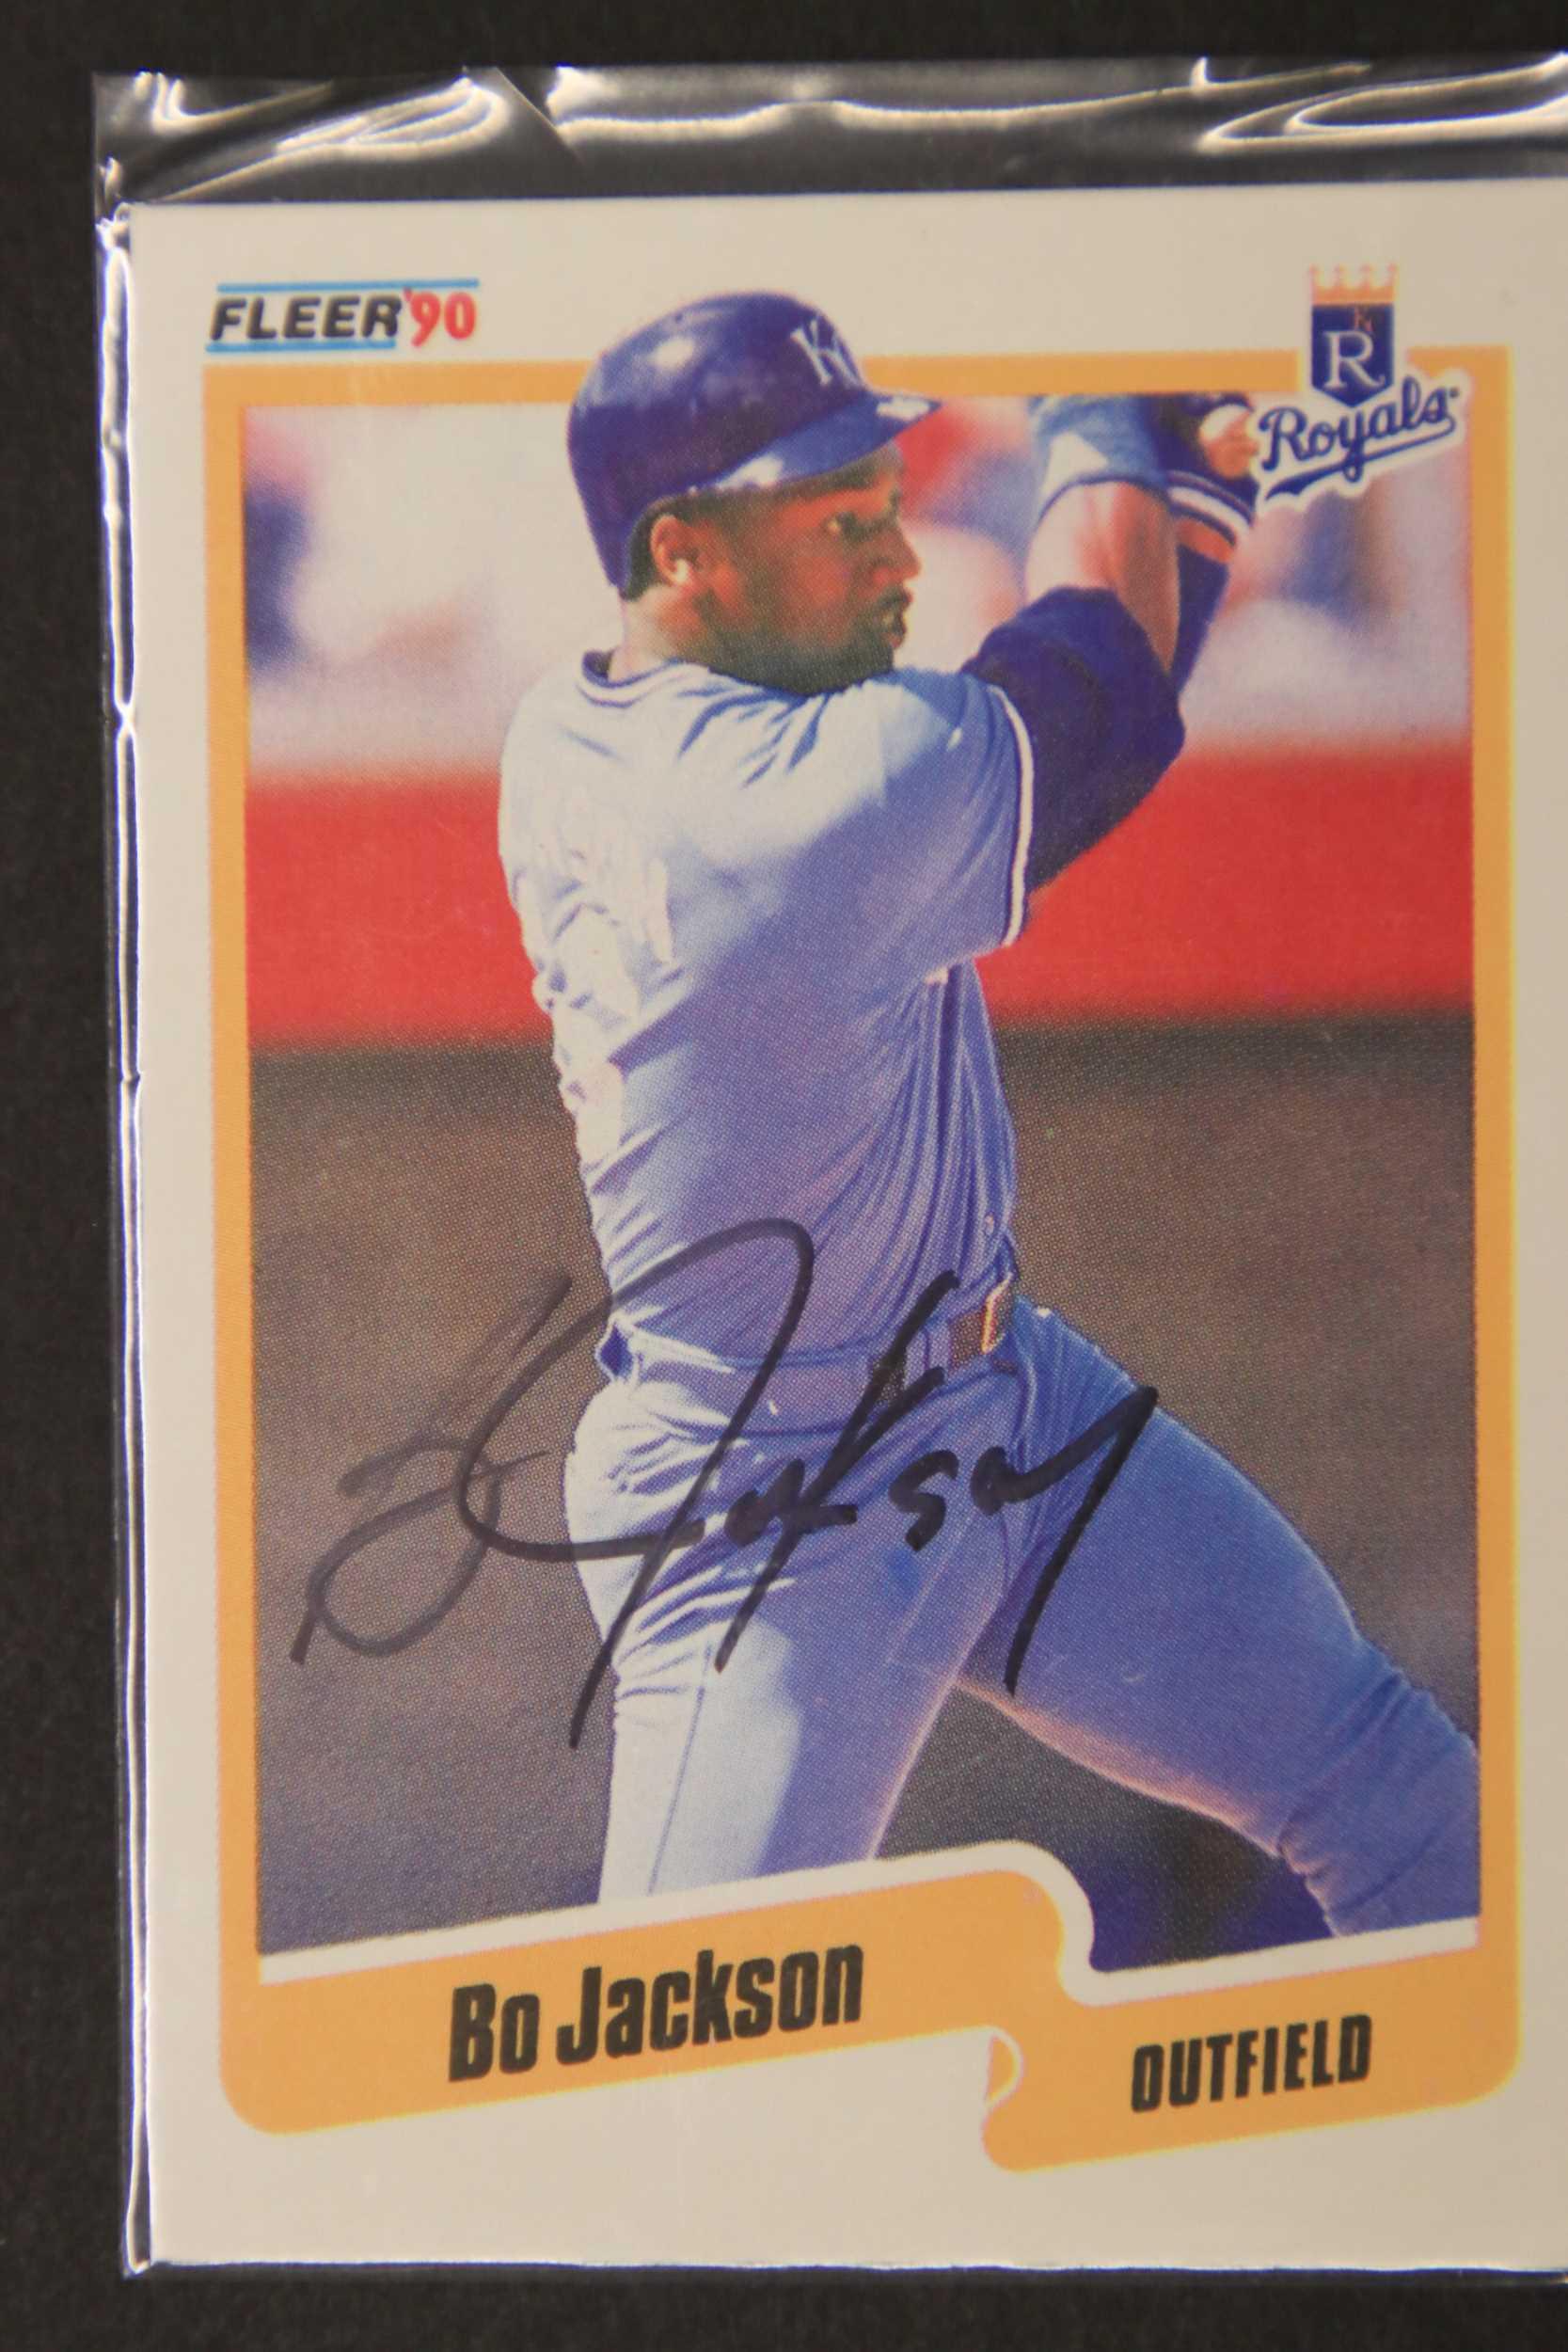 Aacs Autographs Bo Jackson Autographed 1990 Fleer Baseball